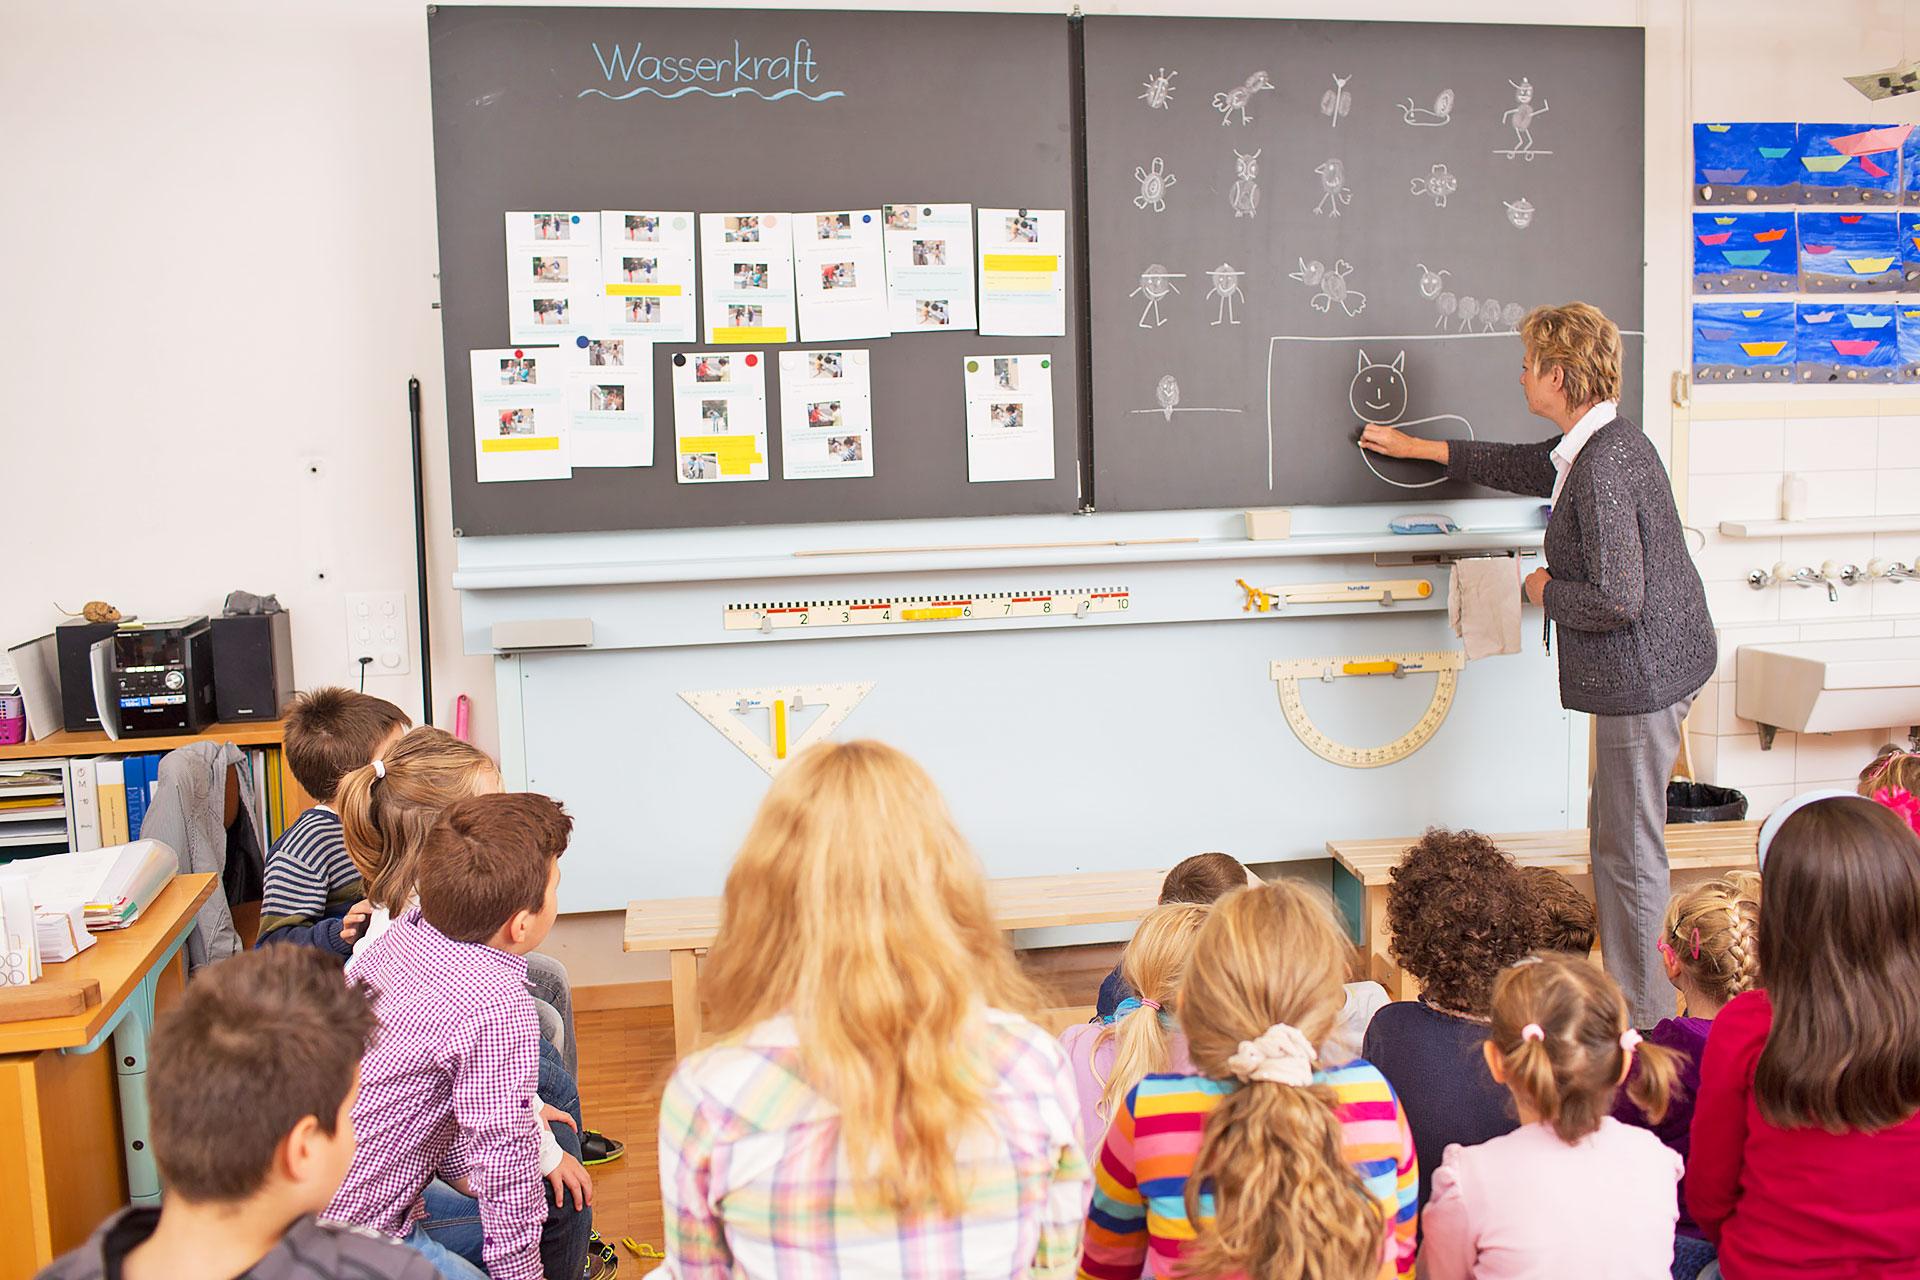 eine Lehrerin zeichnet eine einfache Katze an die Wandtafel, die Klasse schaut zu